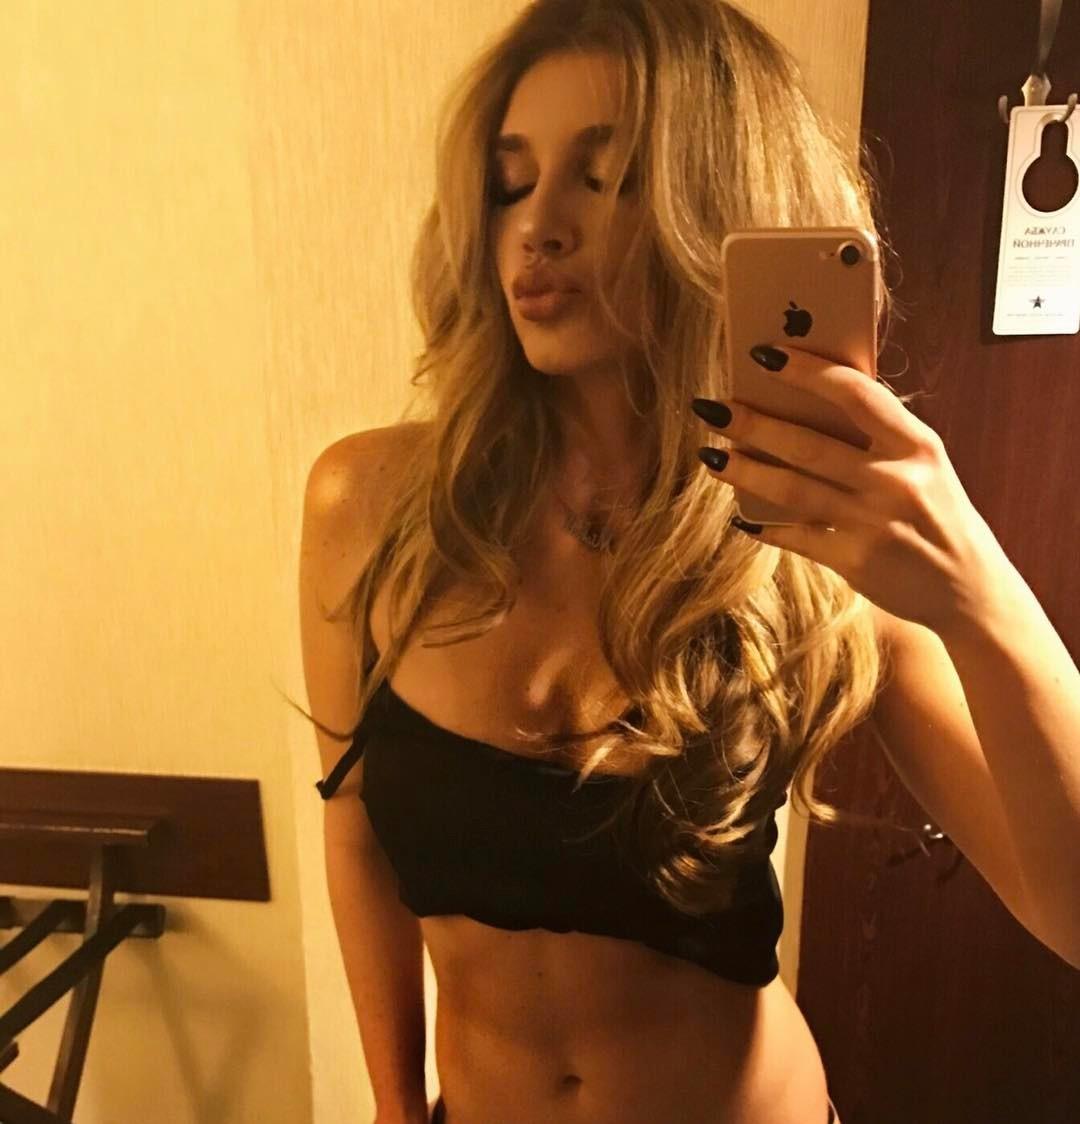 """Идеальное тело: солистка """"ВИА Гры"""" опубликовала голое фото в постели"""